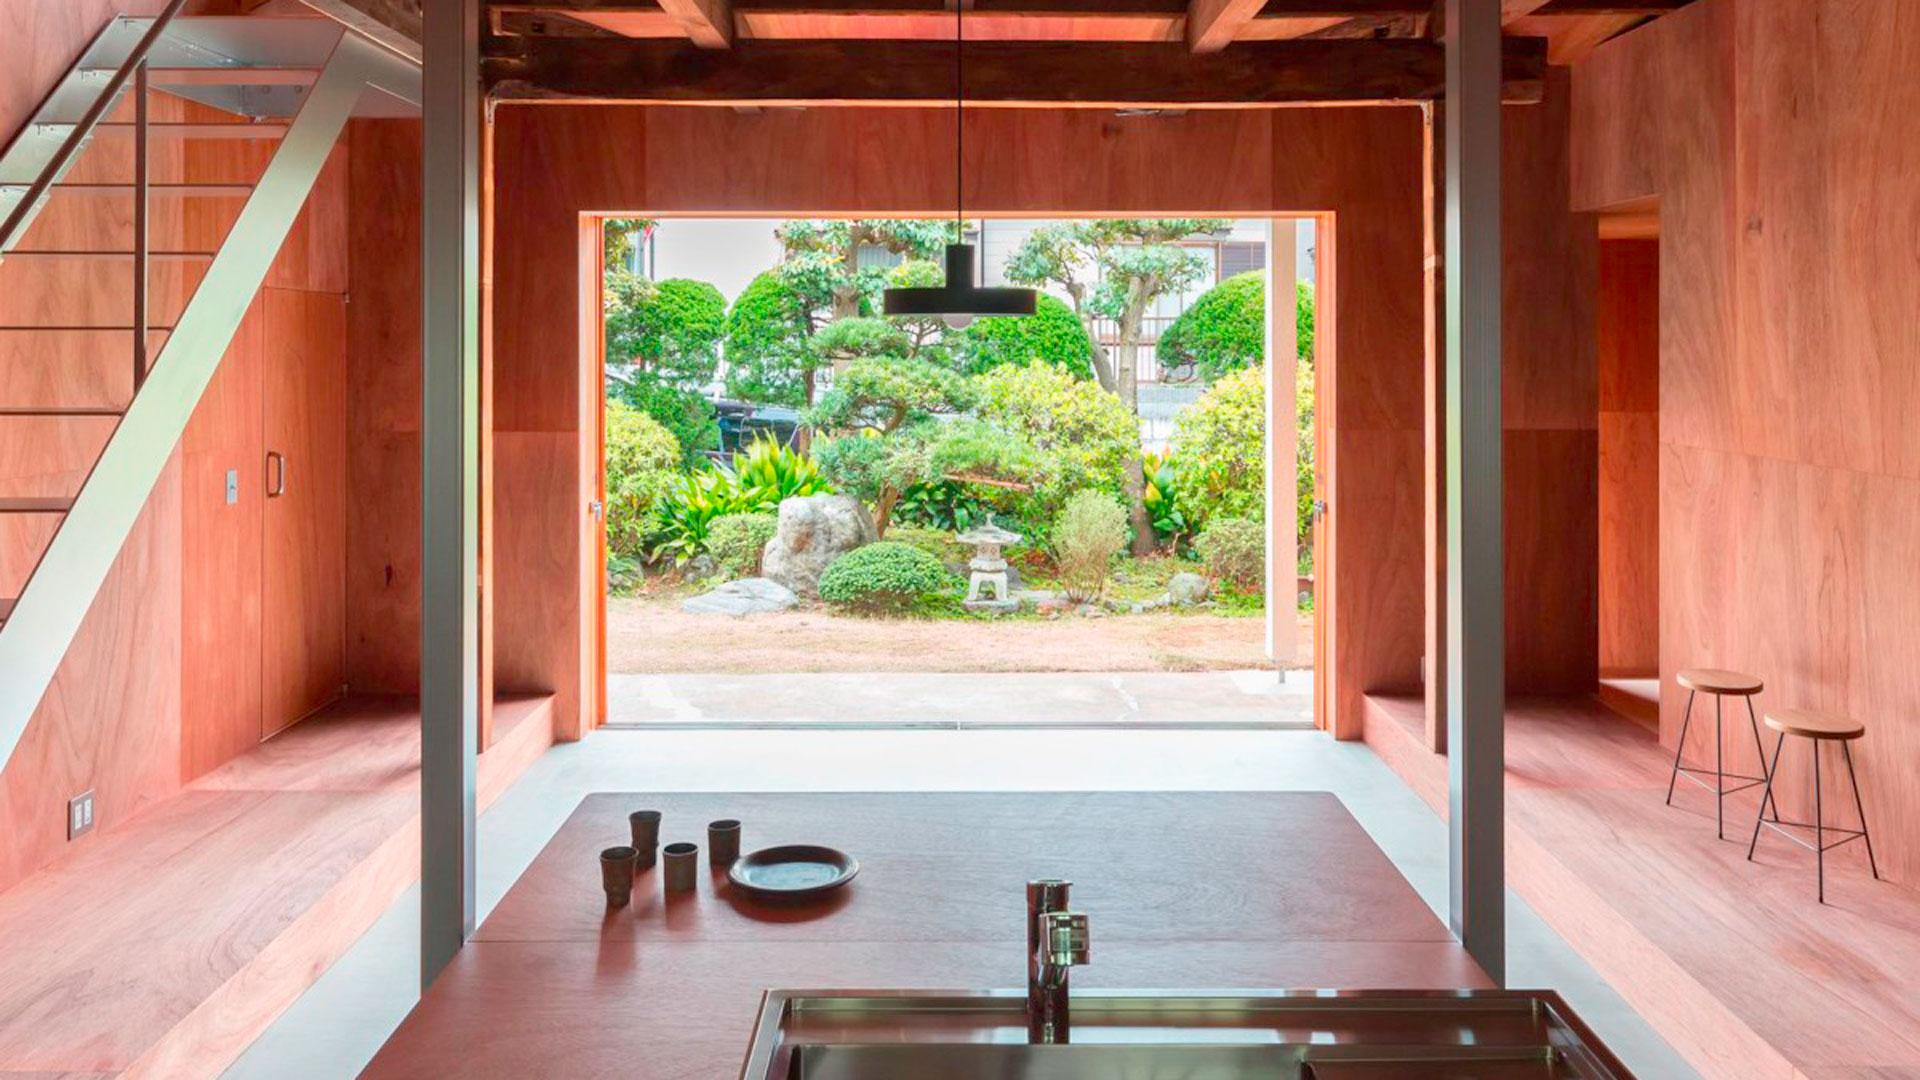 Una casa en Yokohama hero asset